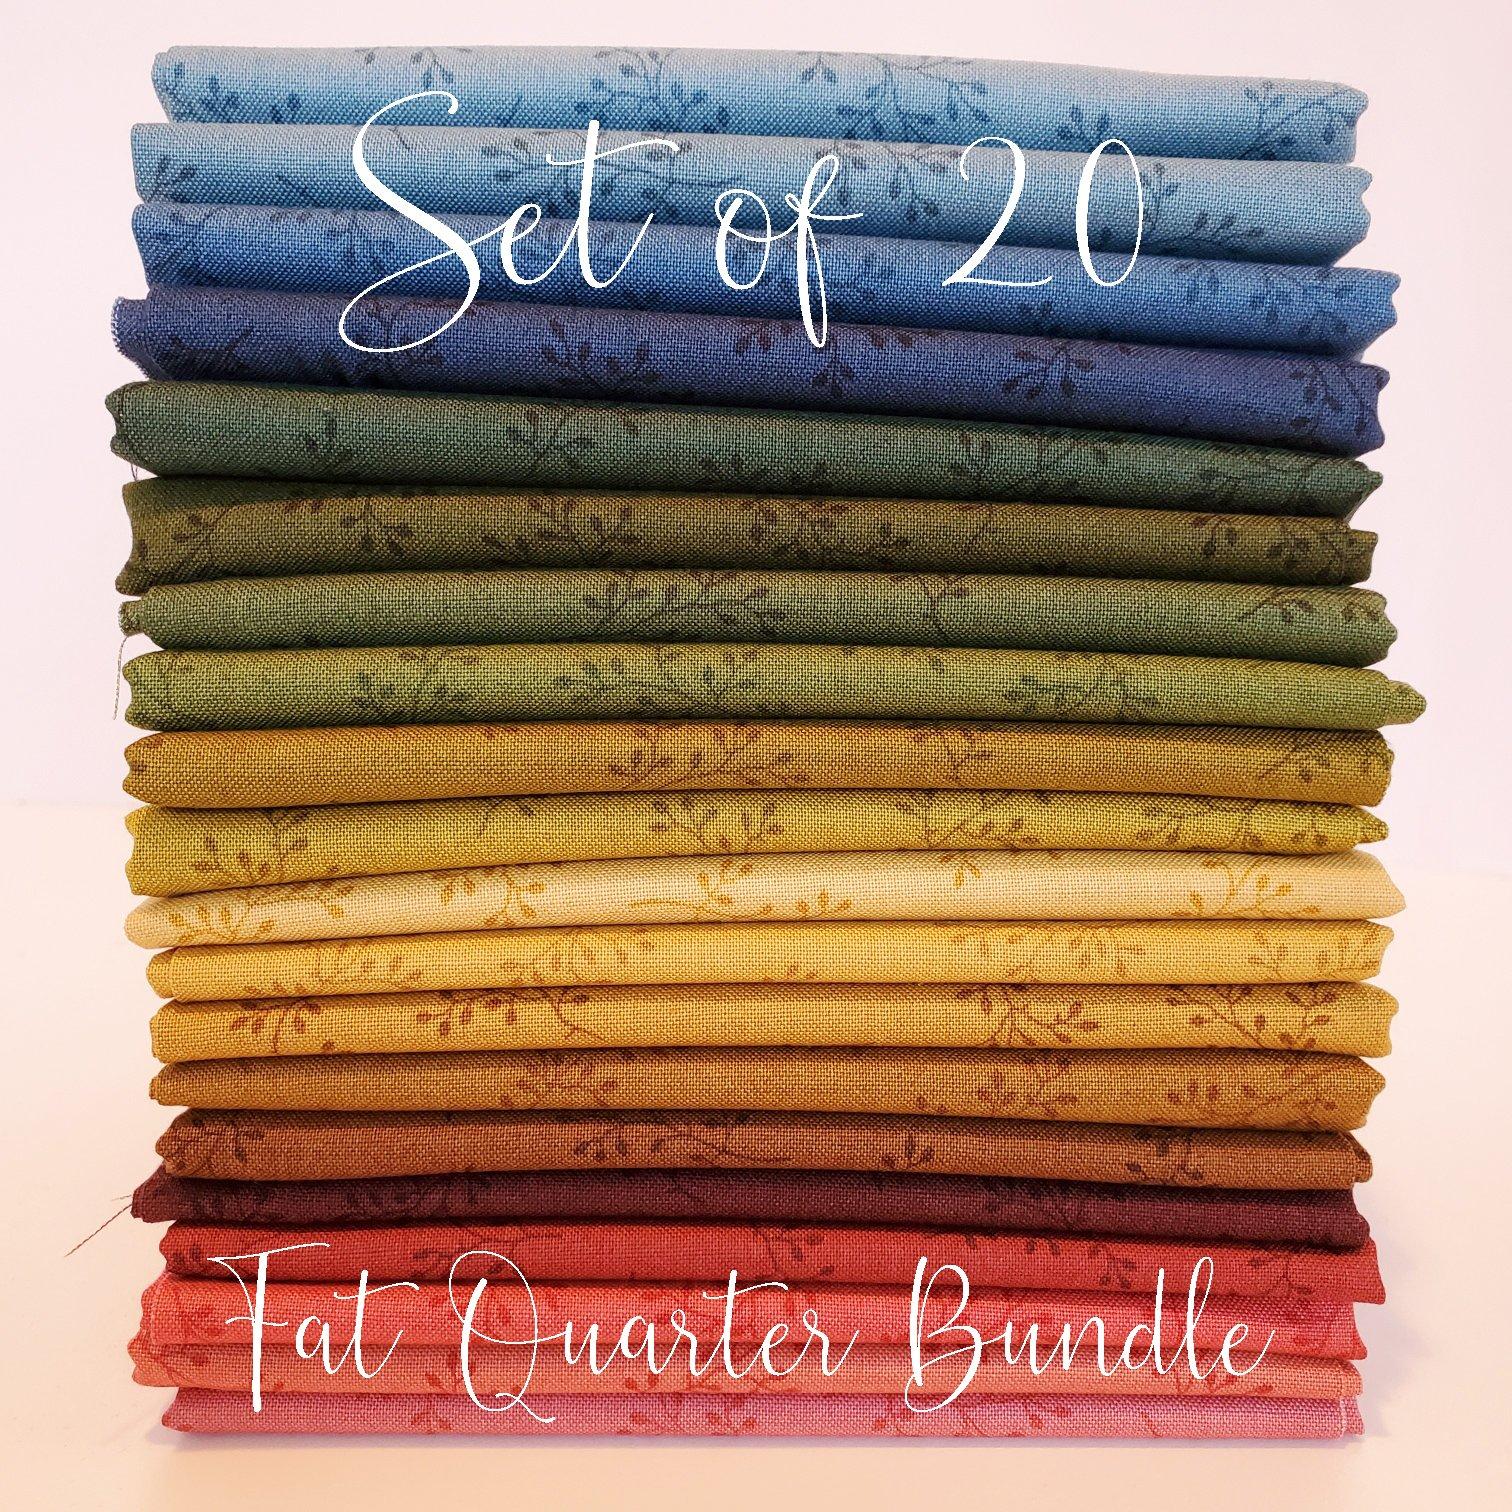 Olive Branch Fat Quarter Bundle -  Fat Quarter Bundle of 20